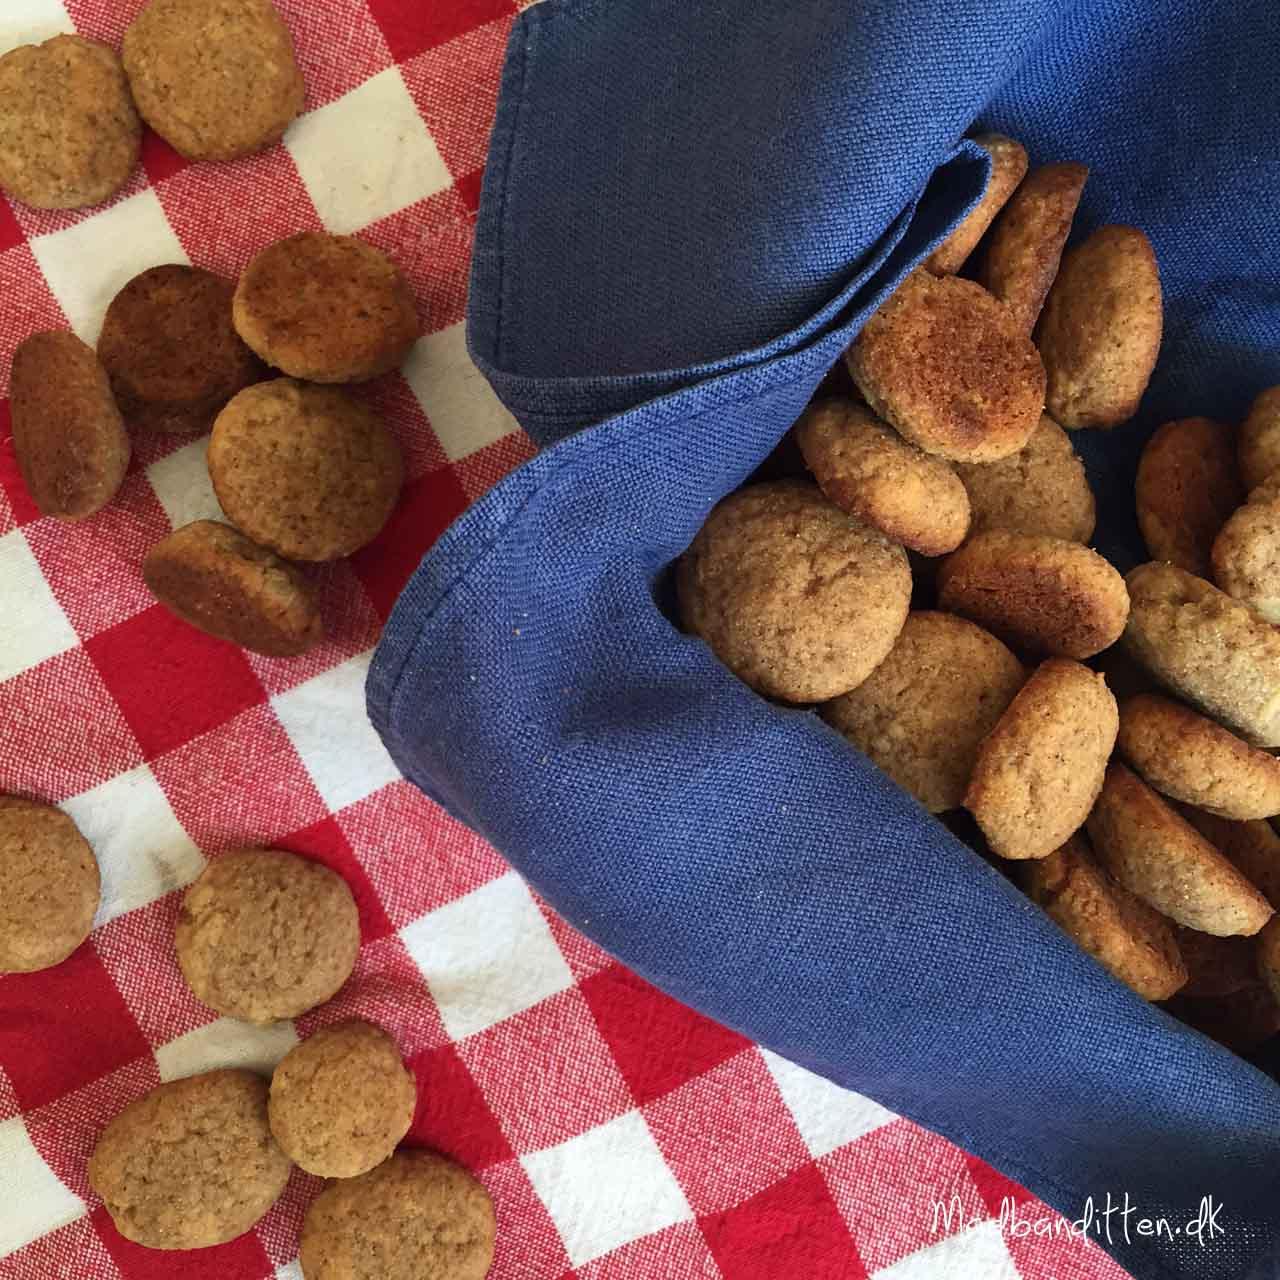 LCHF-juleopskrifter: Pebernødder uden mel og sukker